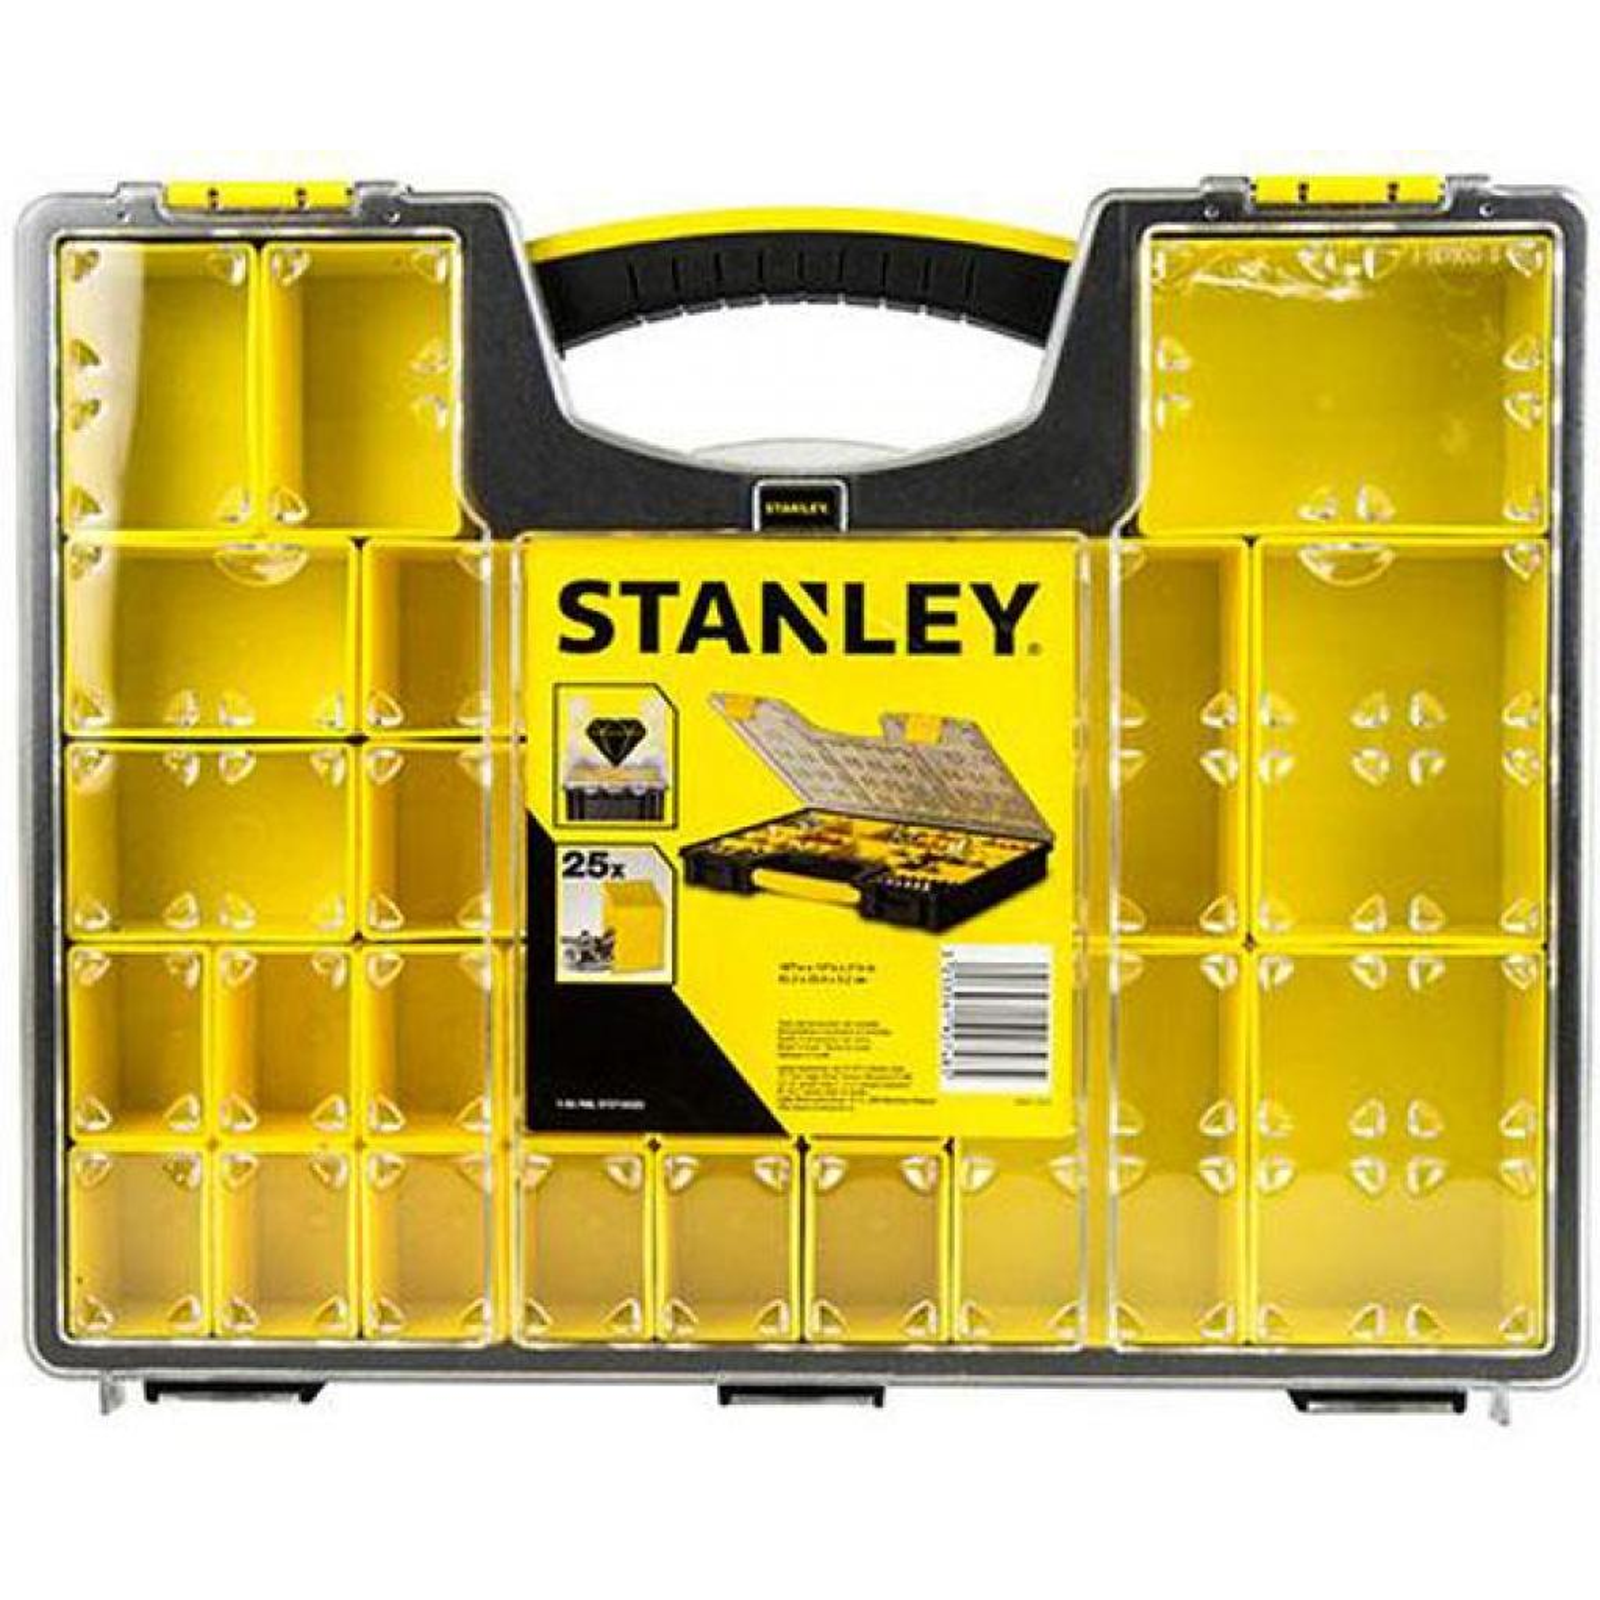 Ящик для инструментов Stanley органайзер профессиональный (422х52х334 мм) (1-92-748)